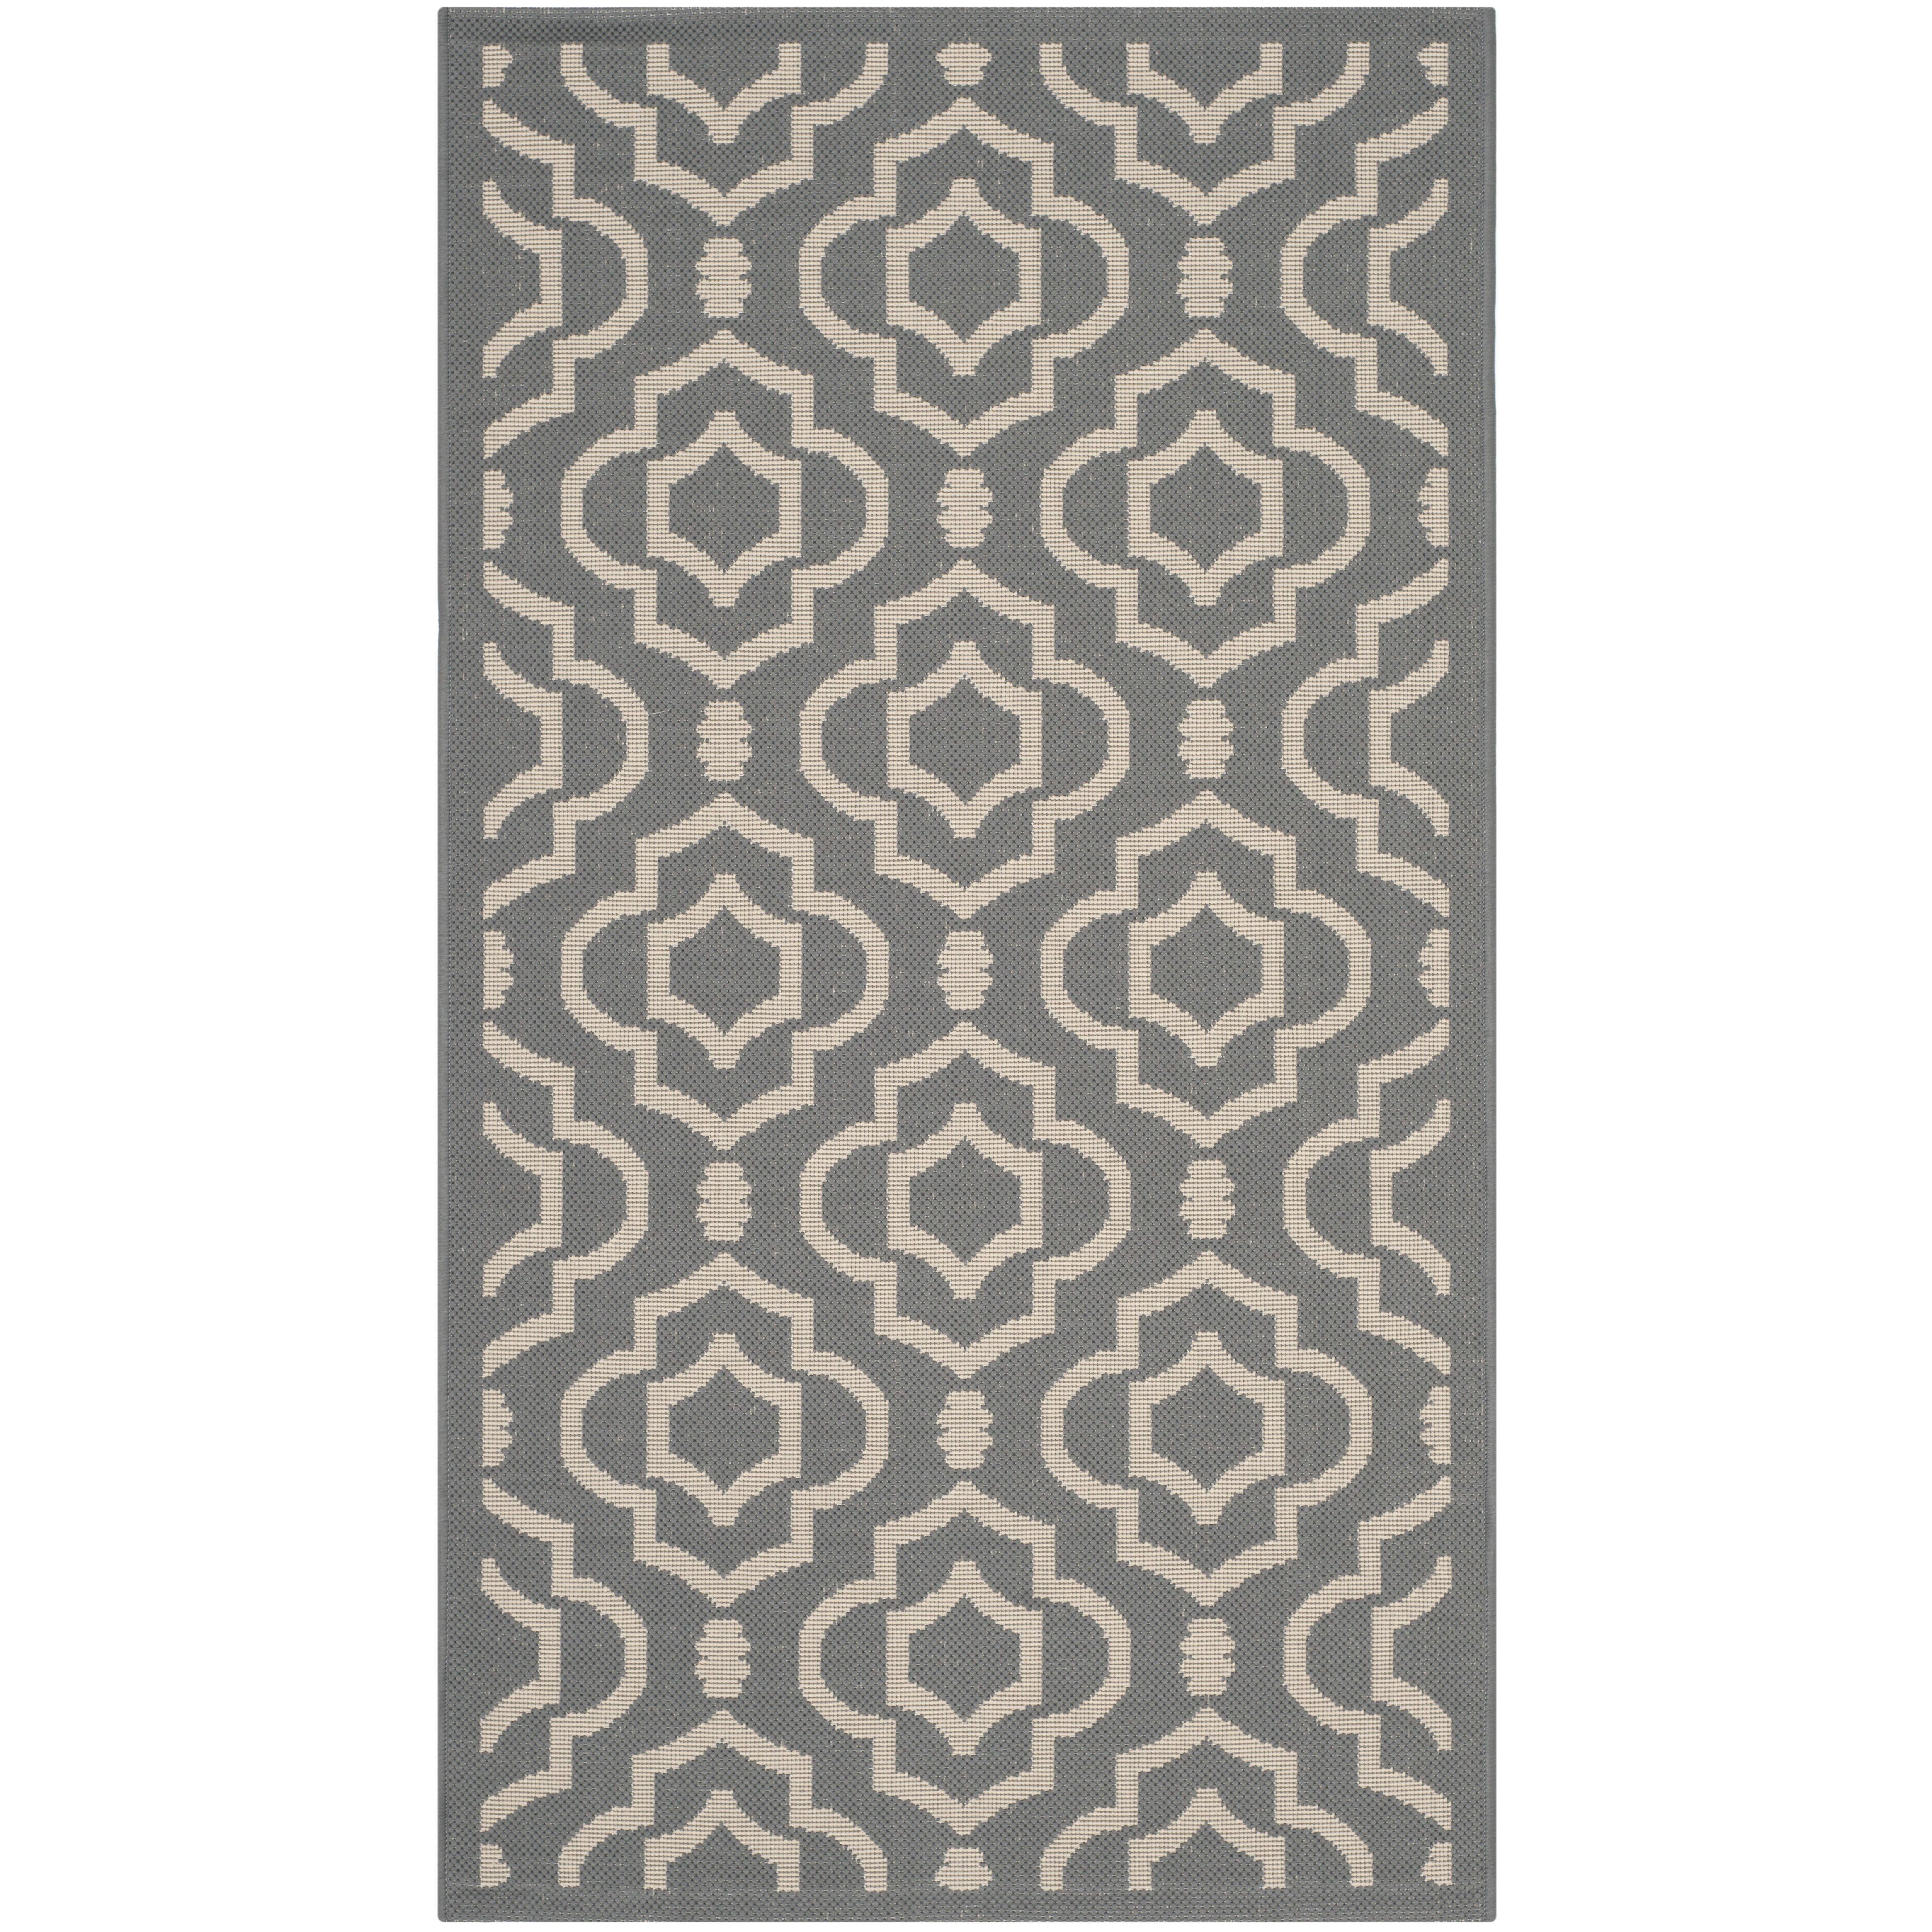 Safavieh alexandra grey indoor outdoor area rug reviews for Indoor outdoor rugs uk